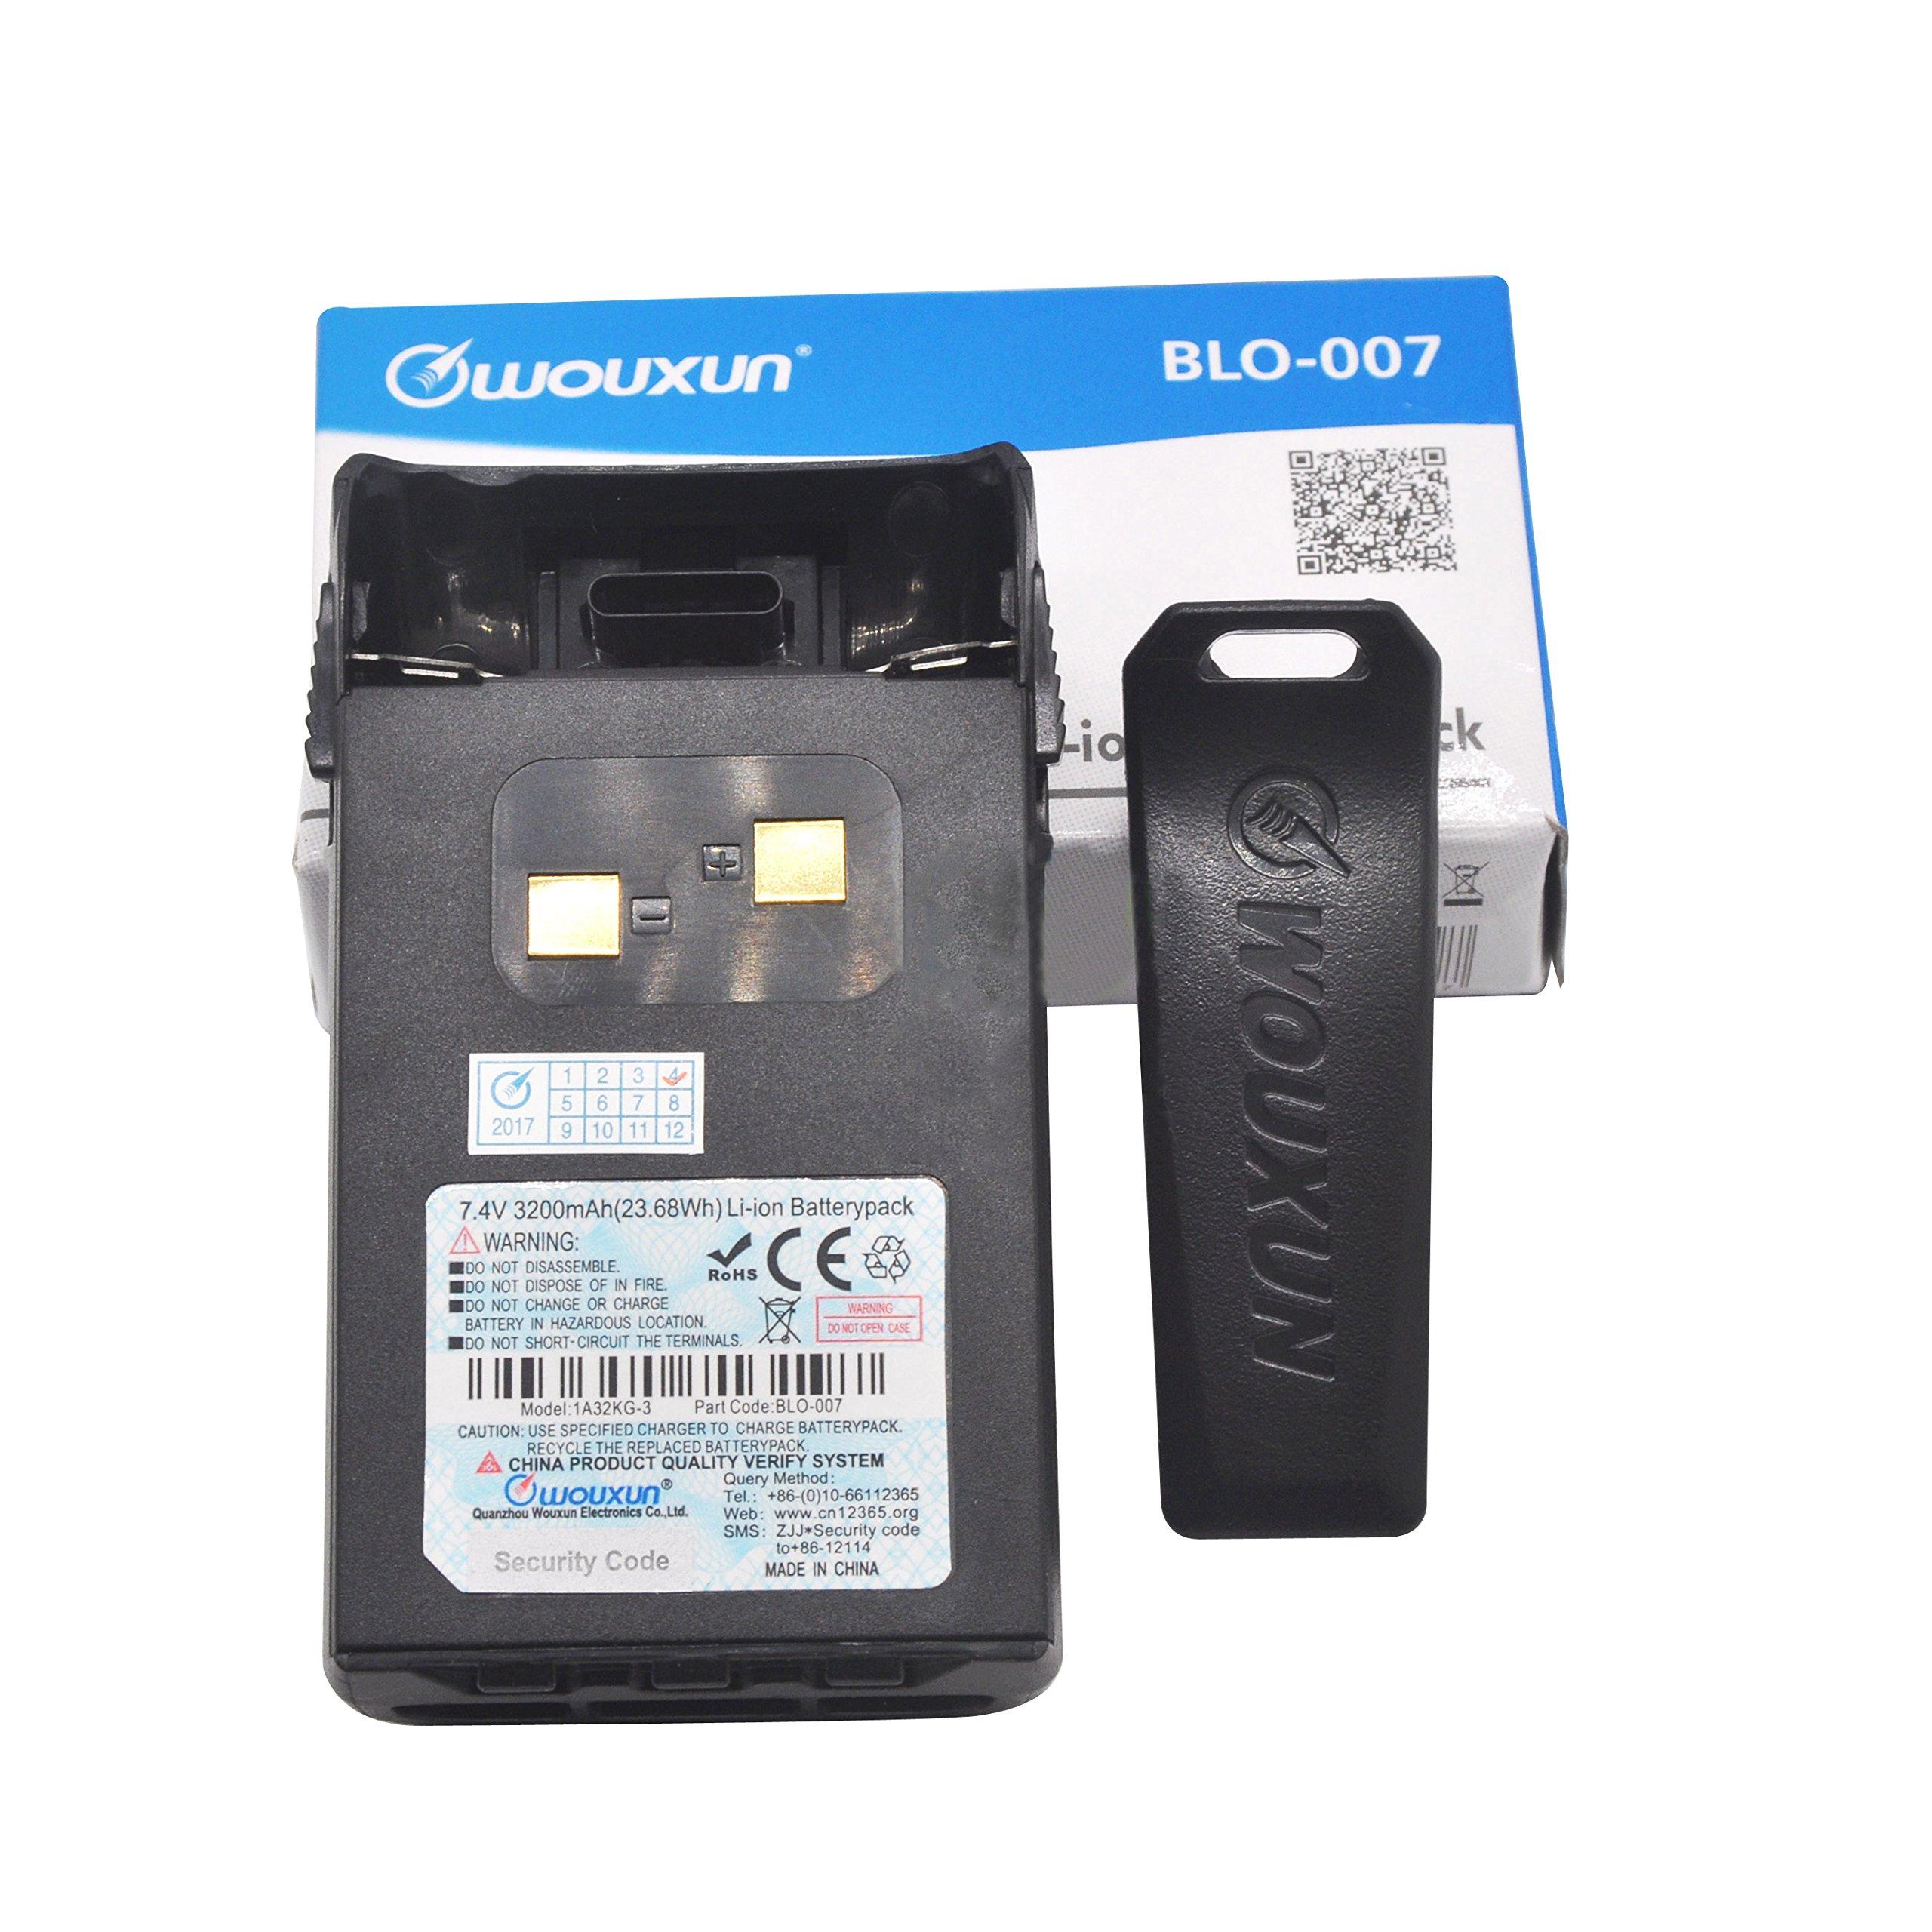 Walkie Talkie Battery Wouxun BLO-007 2600mAh Li-ion for Two Way Radio KG-UVD1P/UV6D/UVA1/833/639E/659E 669E/679E/689E/699E/703E